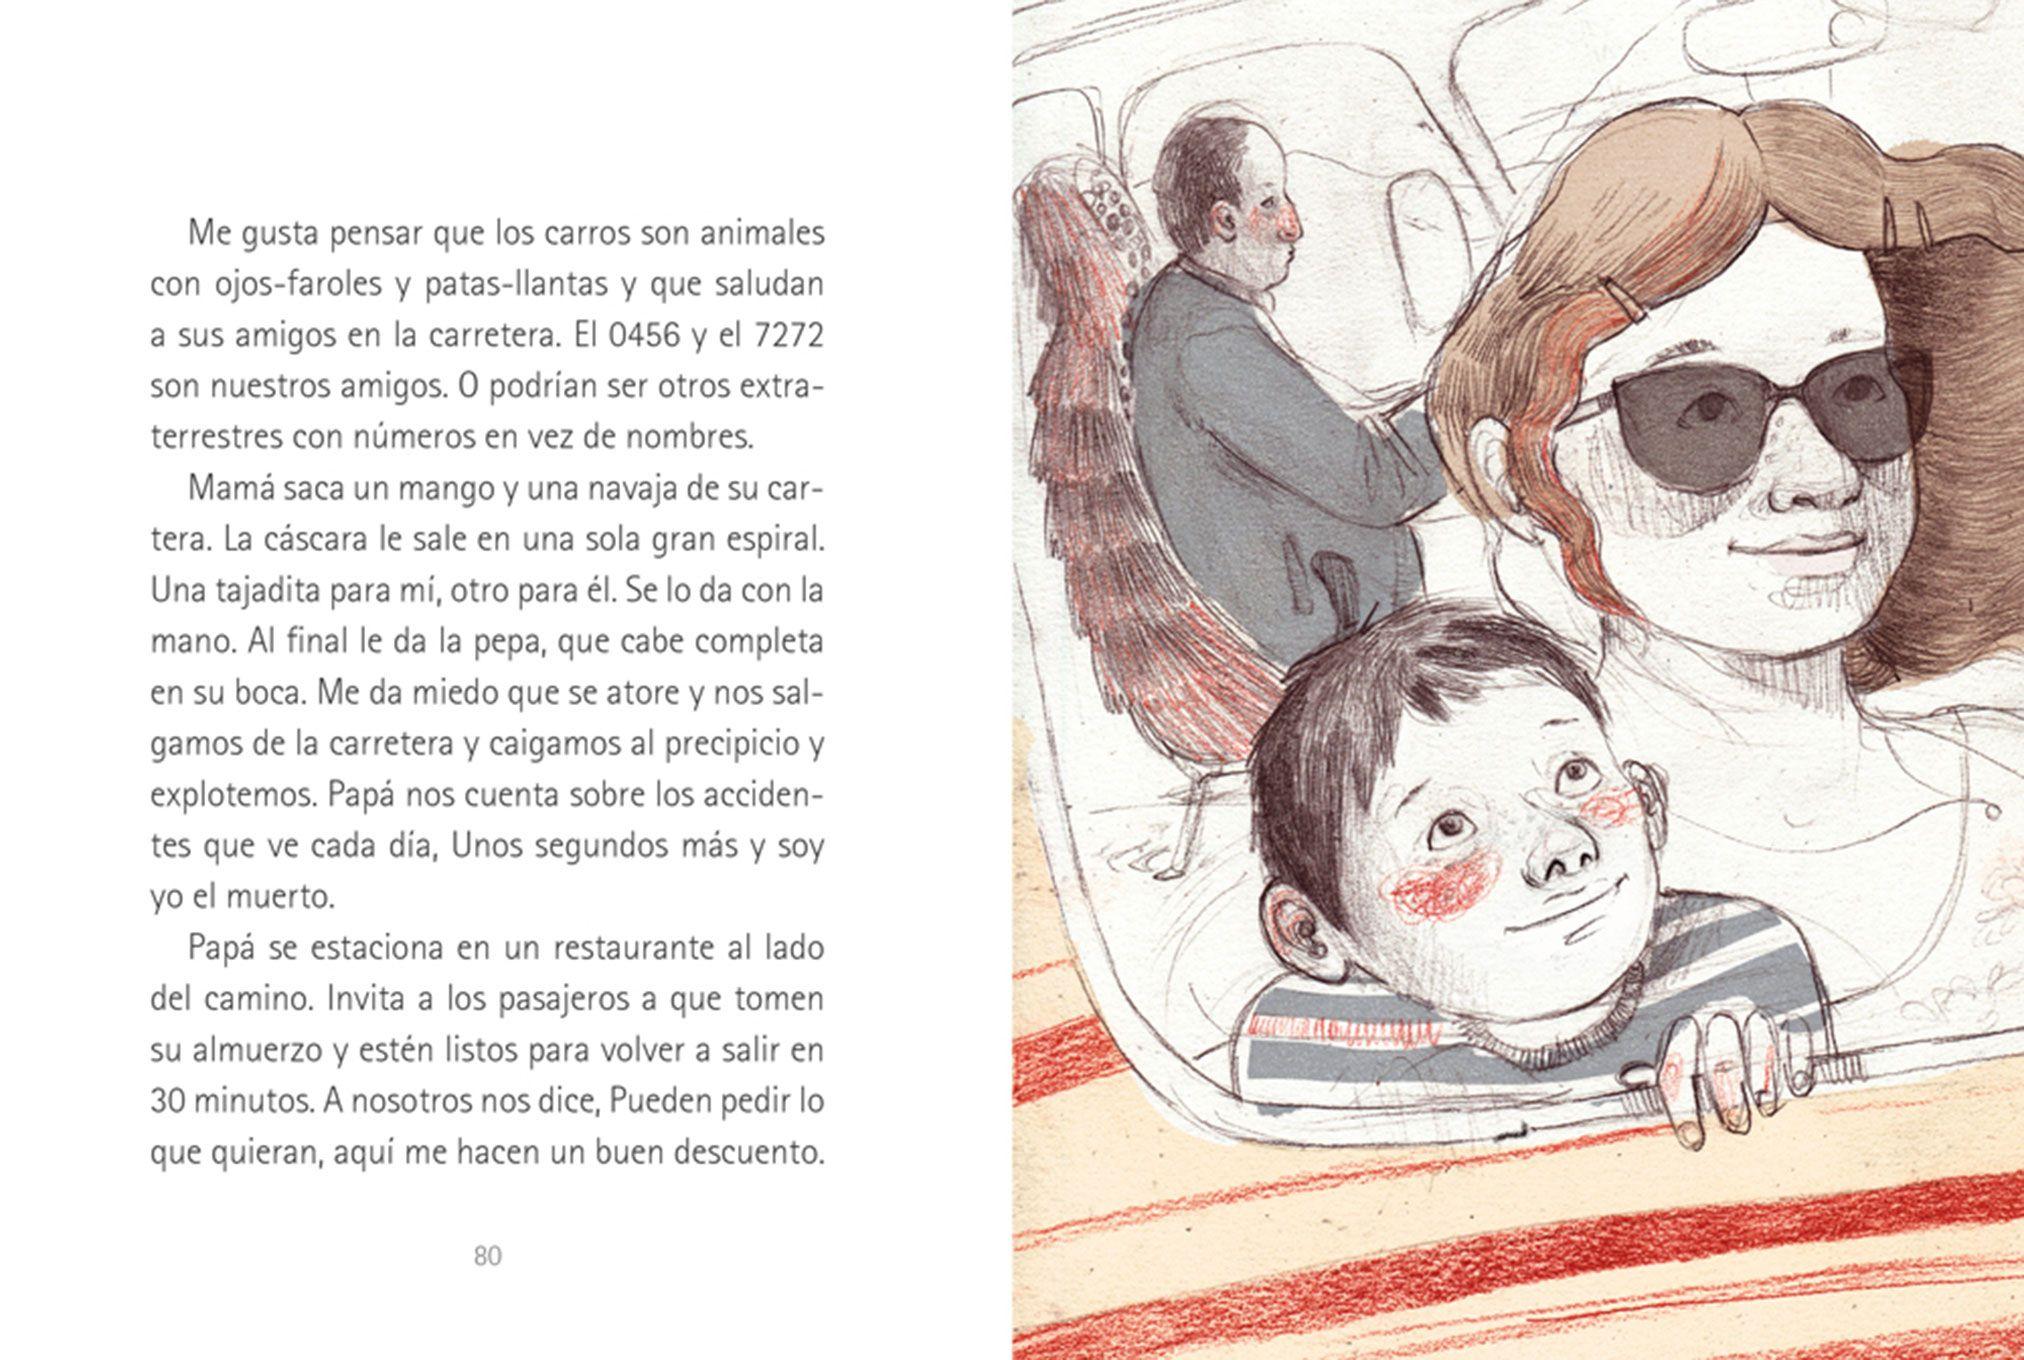 24 señales para descubrir a un alien - Juliana Muñoz